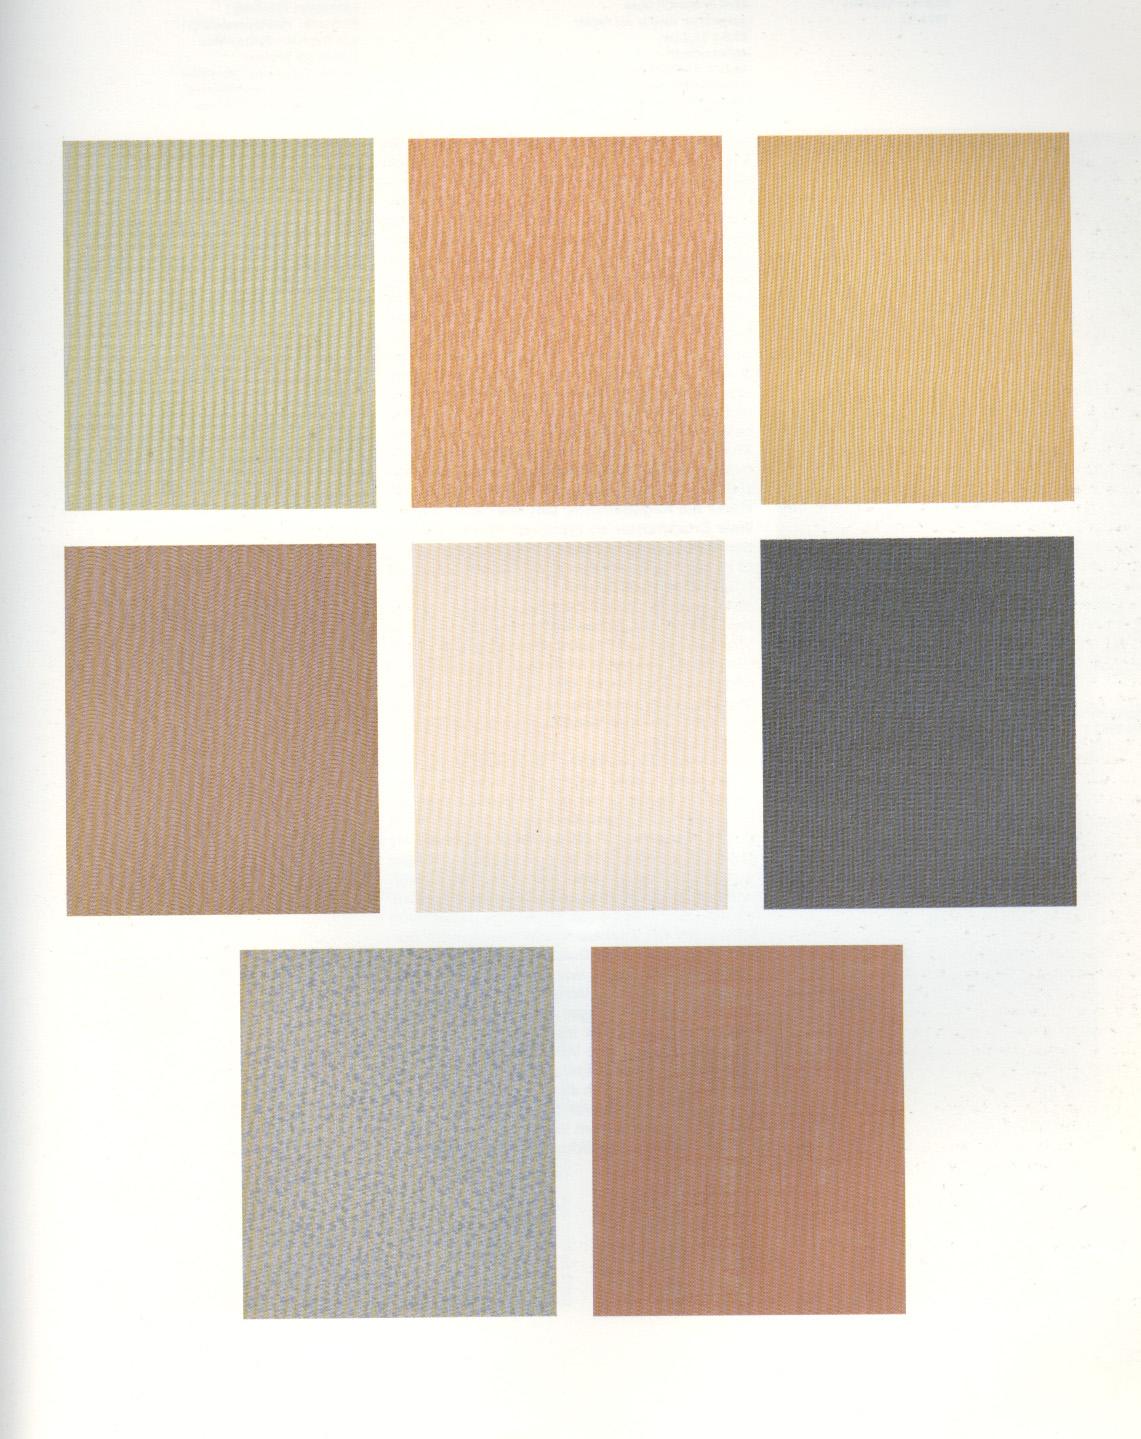 Tapeten Bauhaus Simple Tapeten Bauhaus Rb R Closeup Klein With Tapeten Bauhaus Affordable With